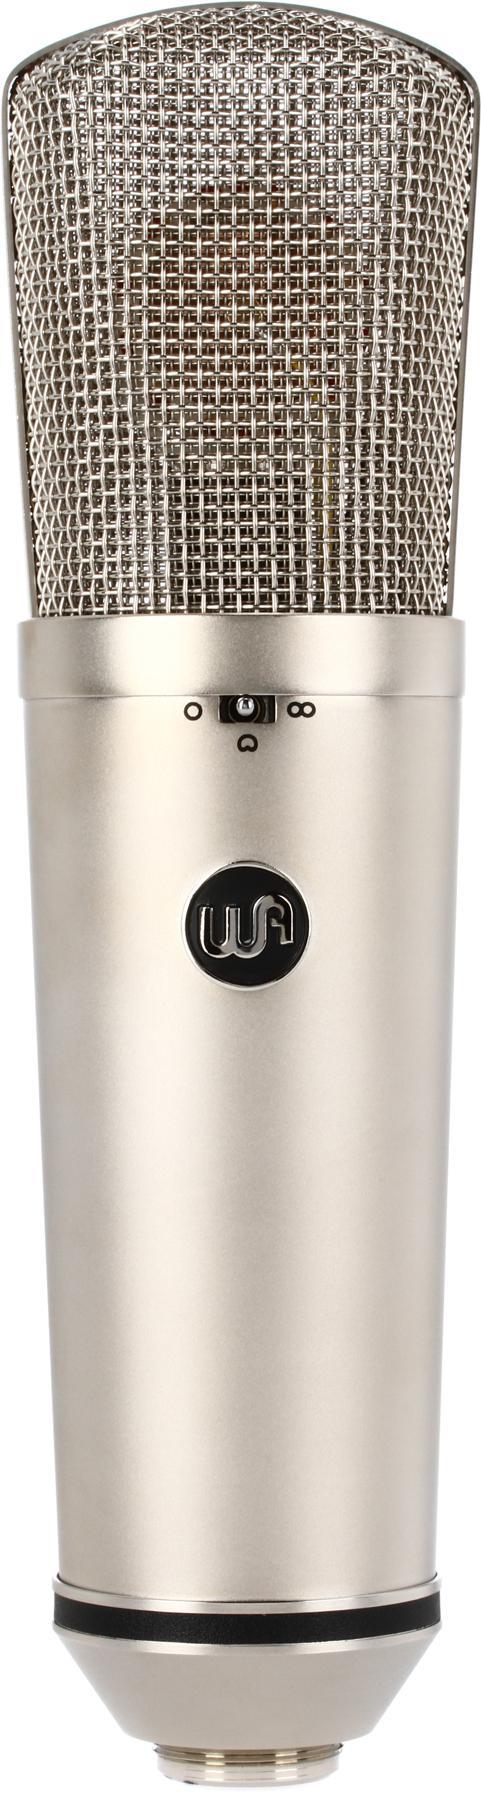 1. Warm Audio WA87